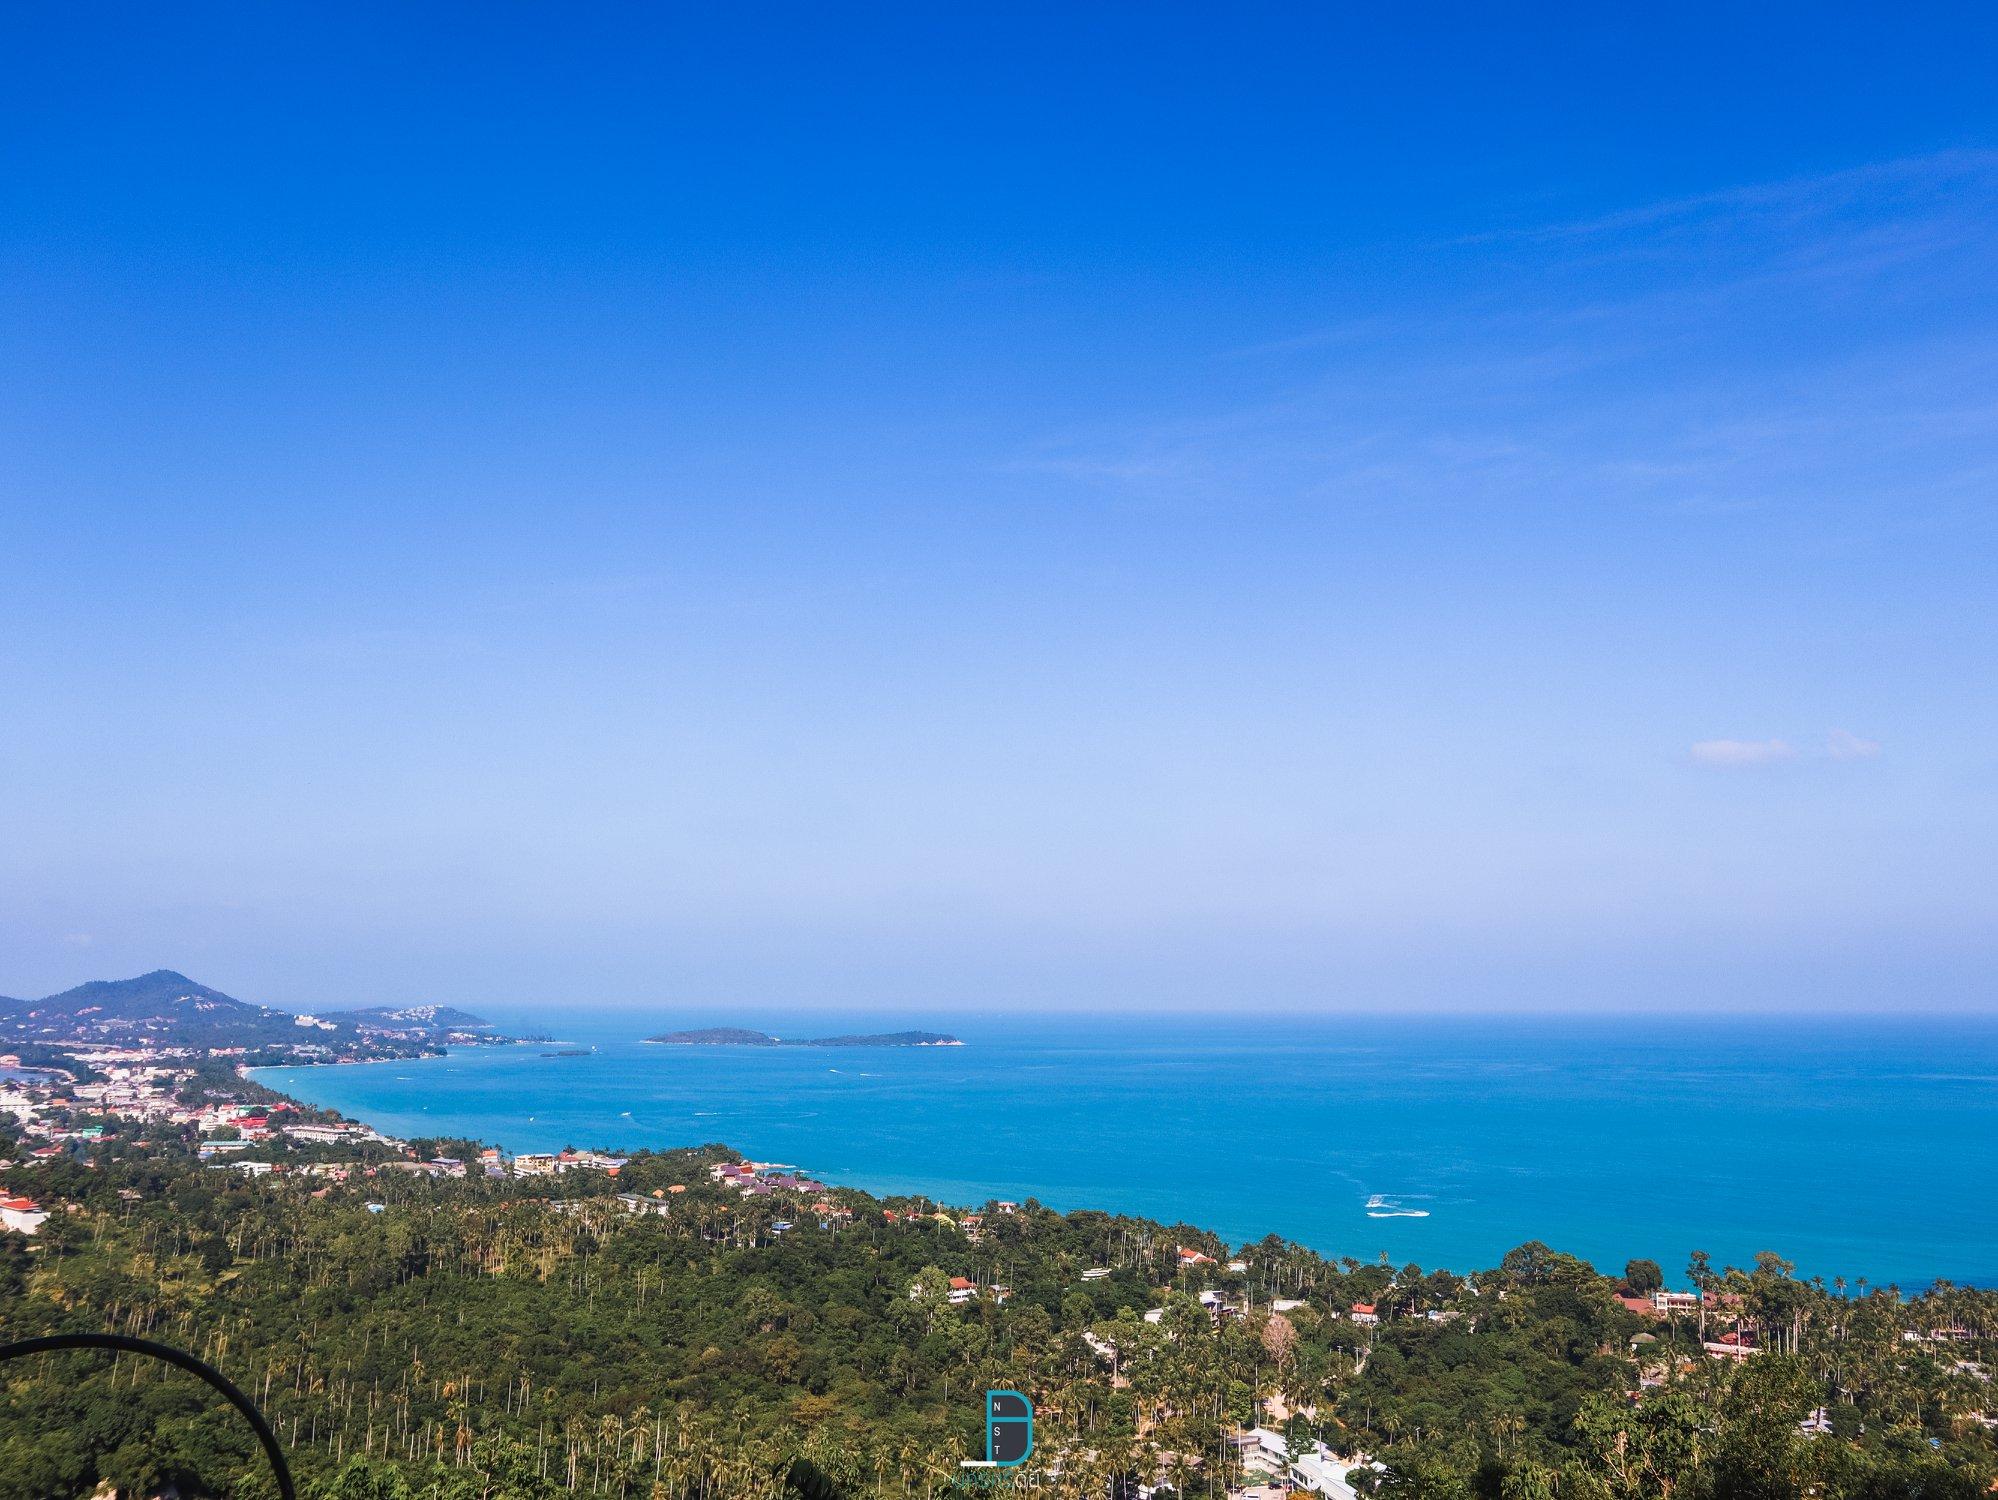 เที่ยวเกาะสมุย 2 วัน 1 คืน กินเที่ยว ชิว วิวหลักล้านนนนนน by Carro นครศรีดีย์